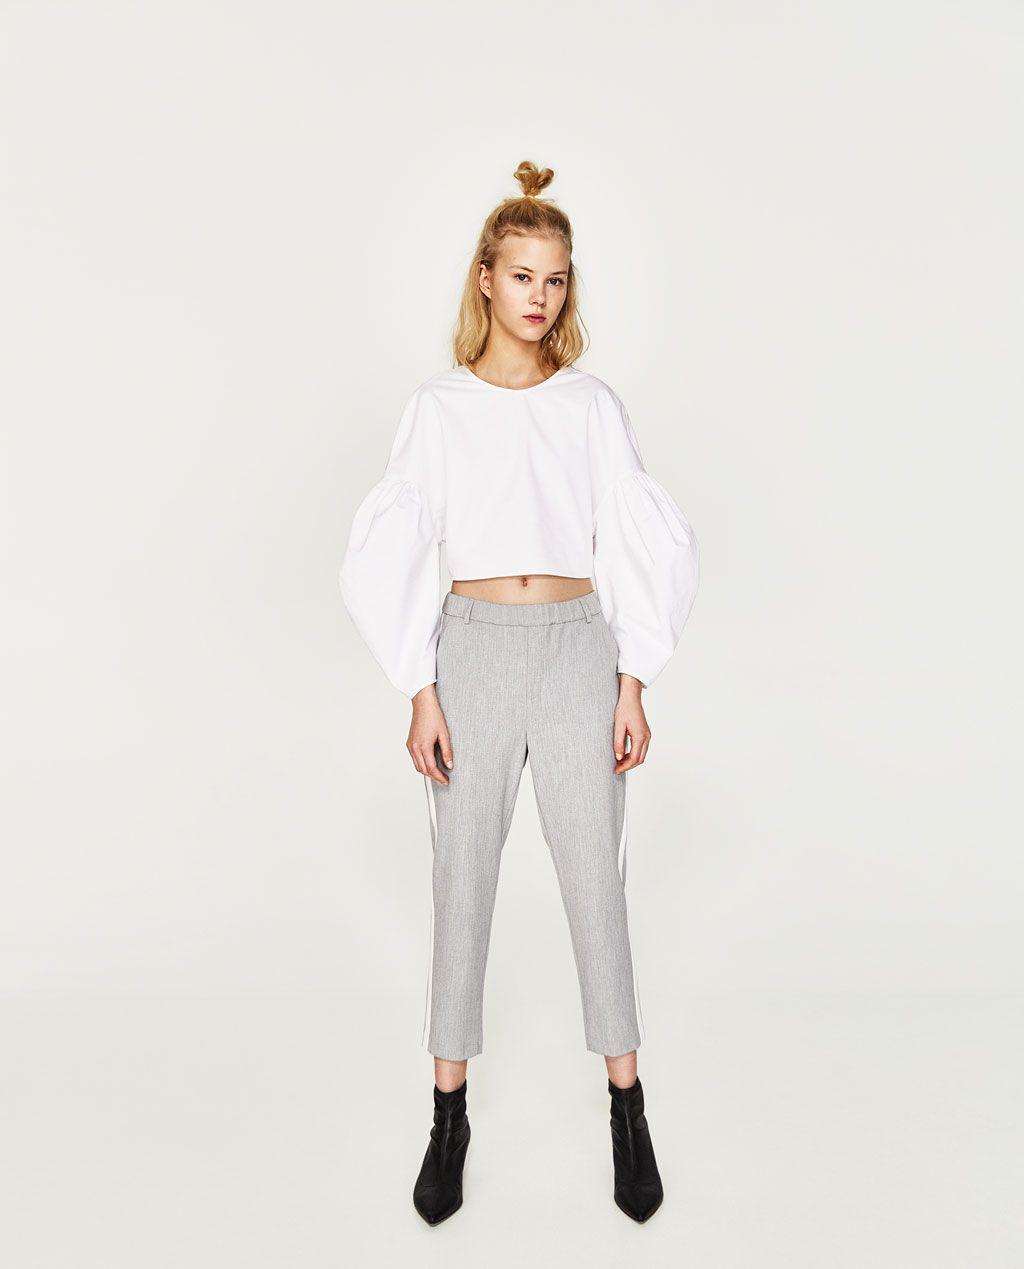 Pantalon Chino Banda Lateral Ver Todo Pantalones Mujer Zara Costa